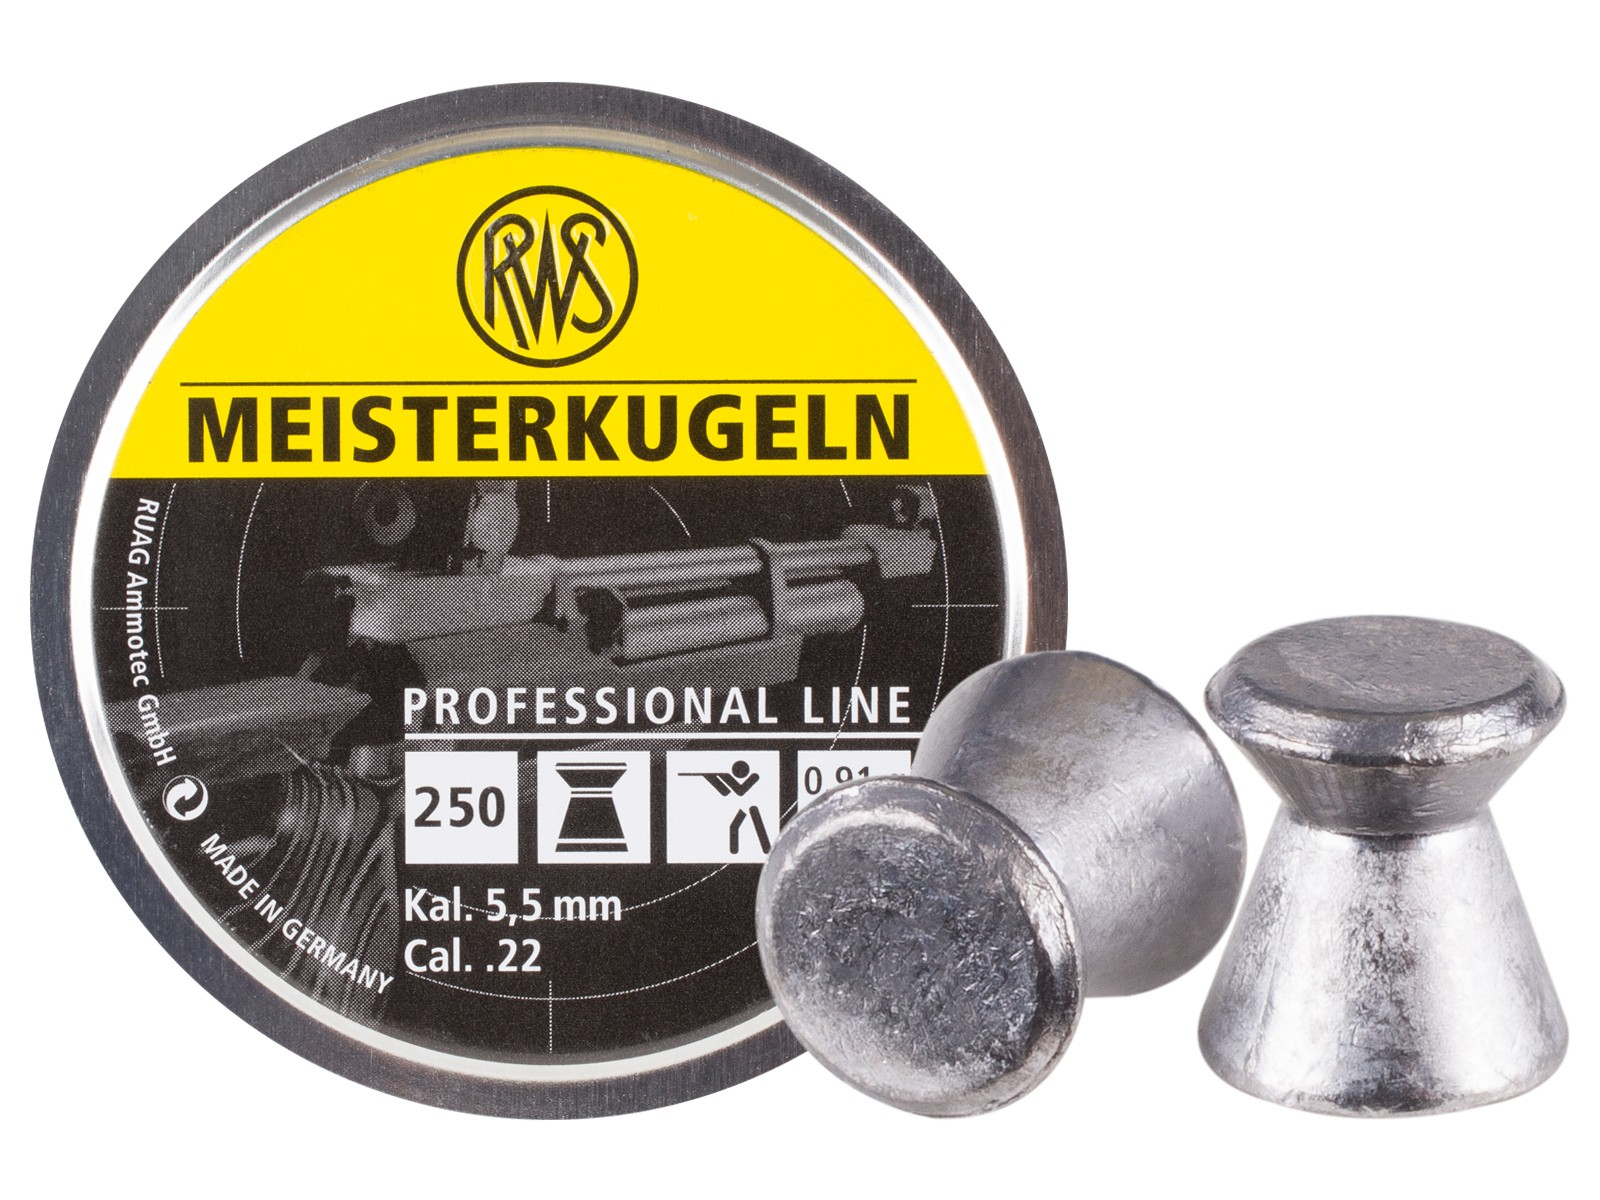 RWS Meisterkugeln Standard .22 Cal, 14.0 Grains, Wadcutter, 250ct